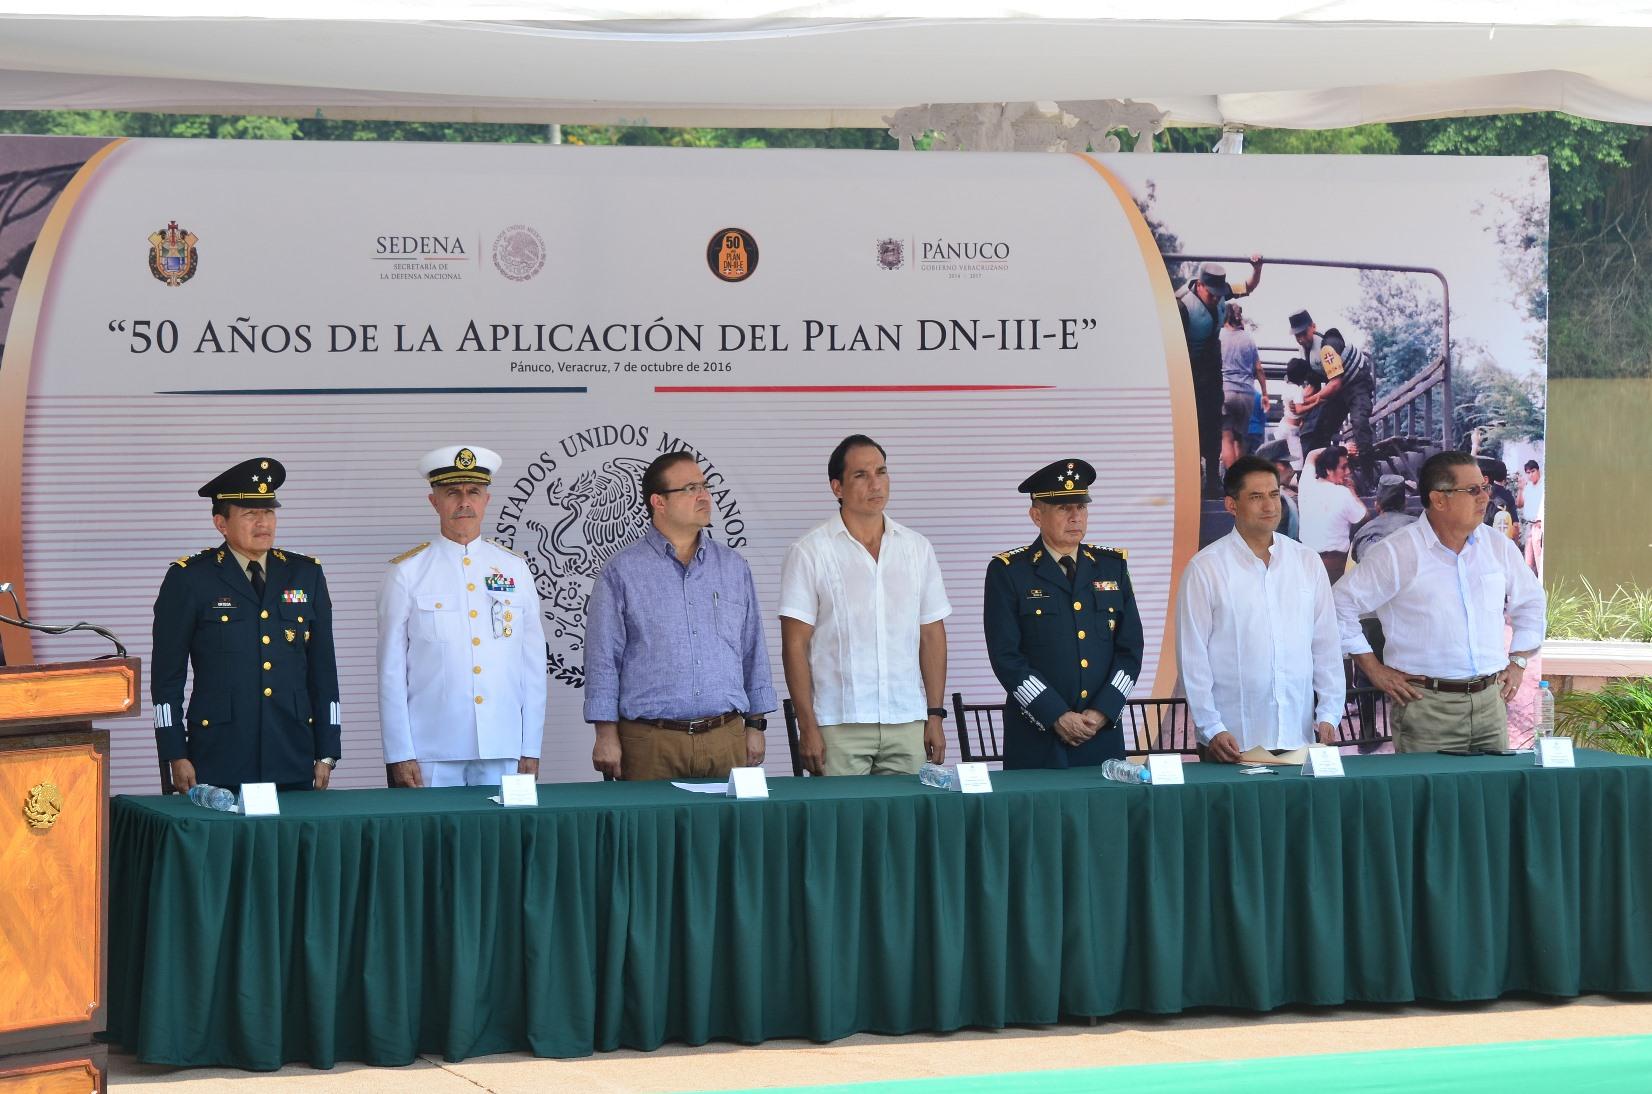 Encabeza Javier Duarte conmemoración de los 50 años de la aplicación del Plan DN-III-E